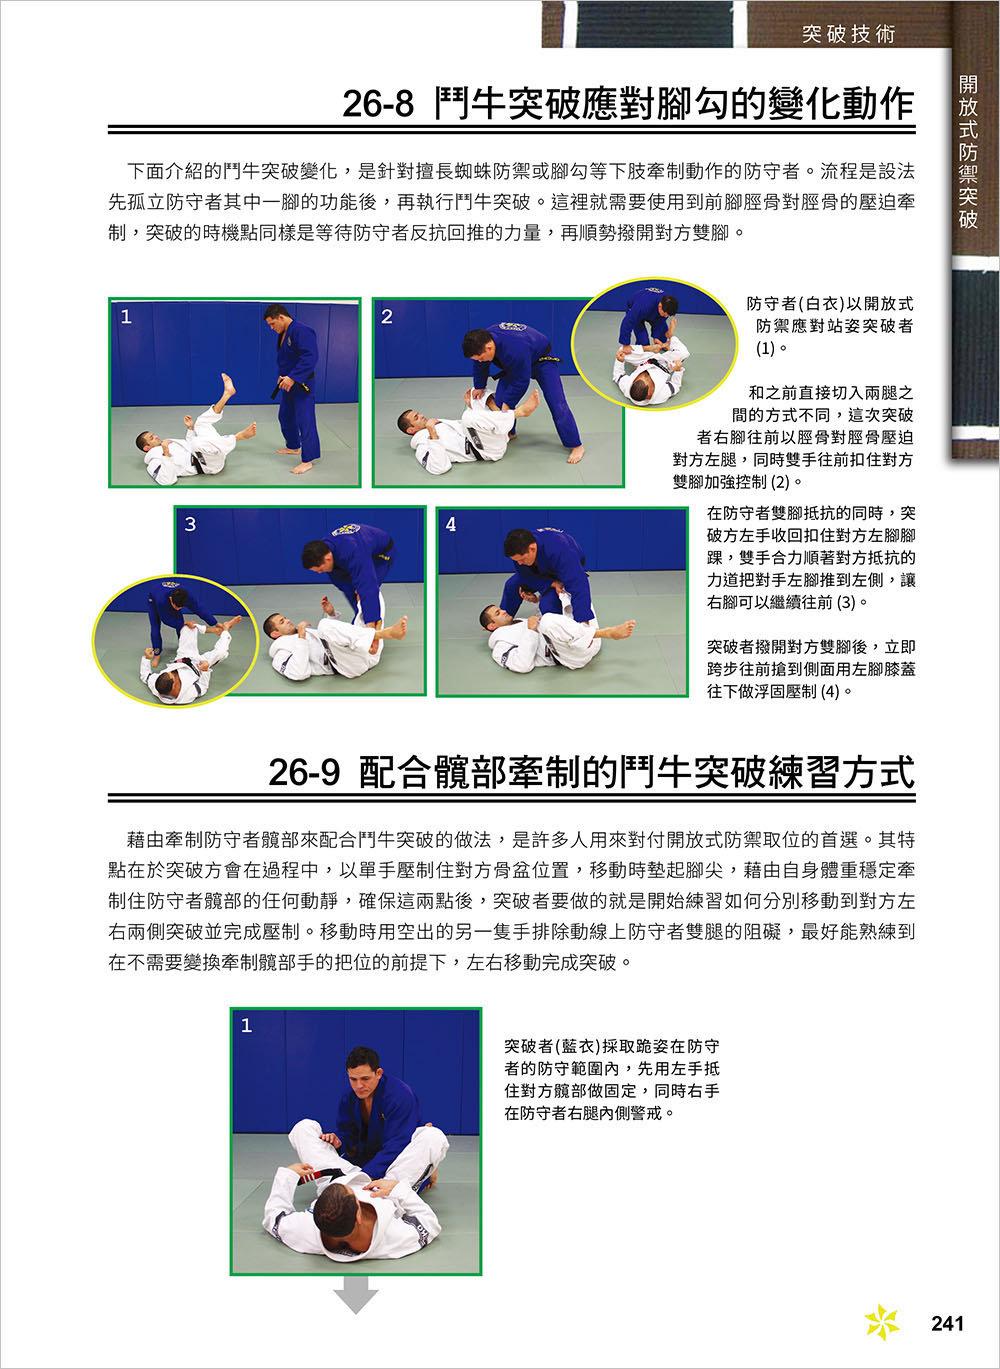 JIU-JITSU University 巴西柔術教本-preview-8